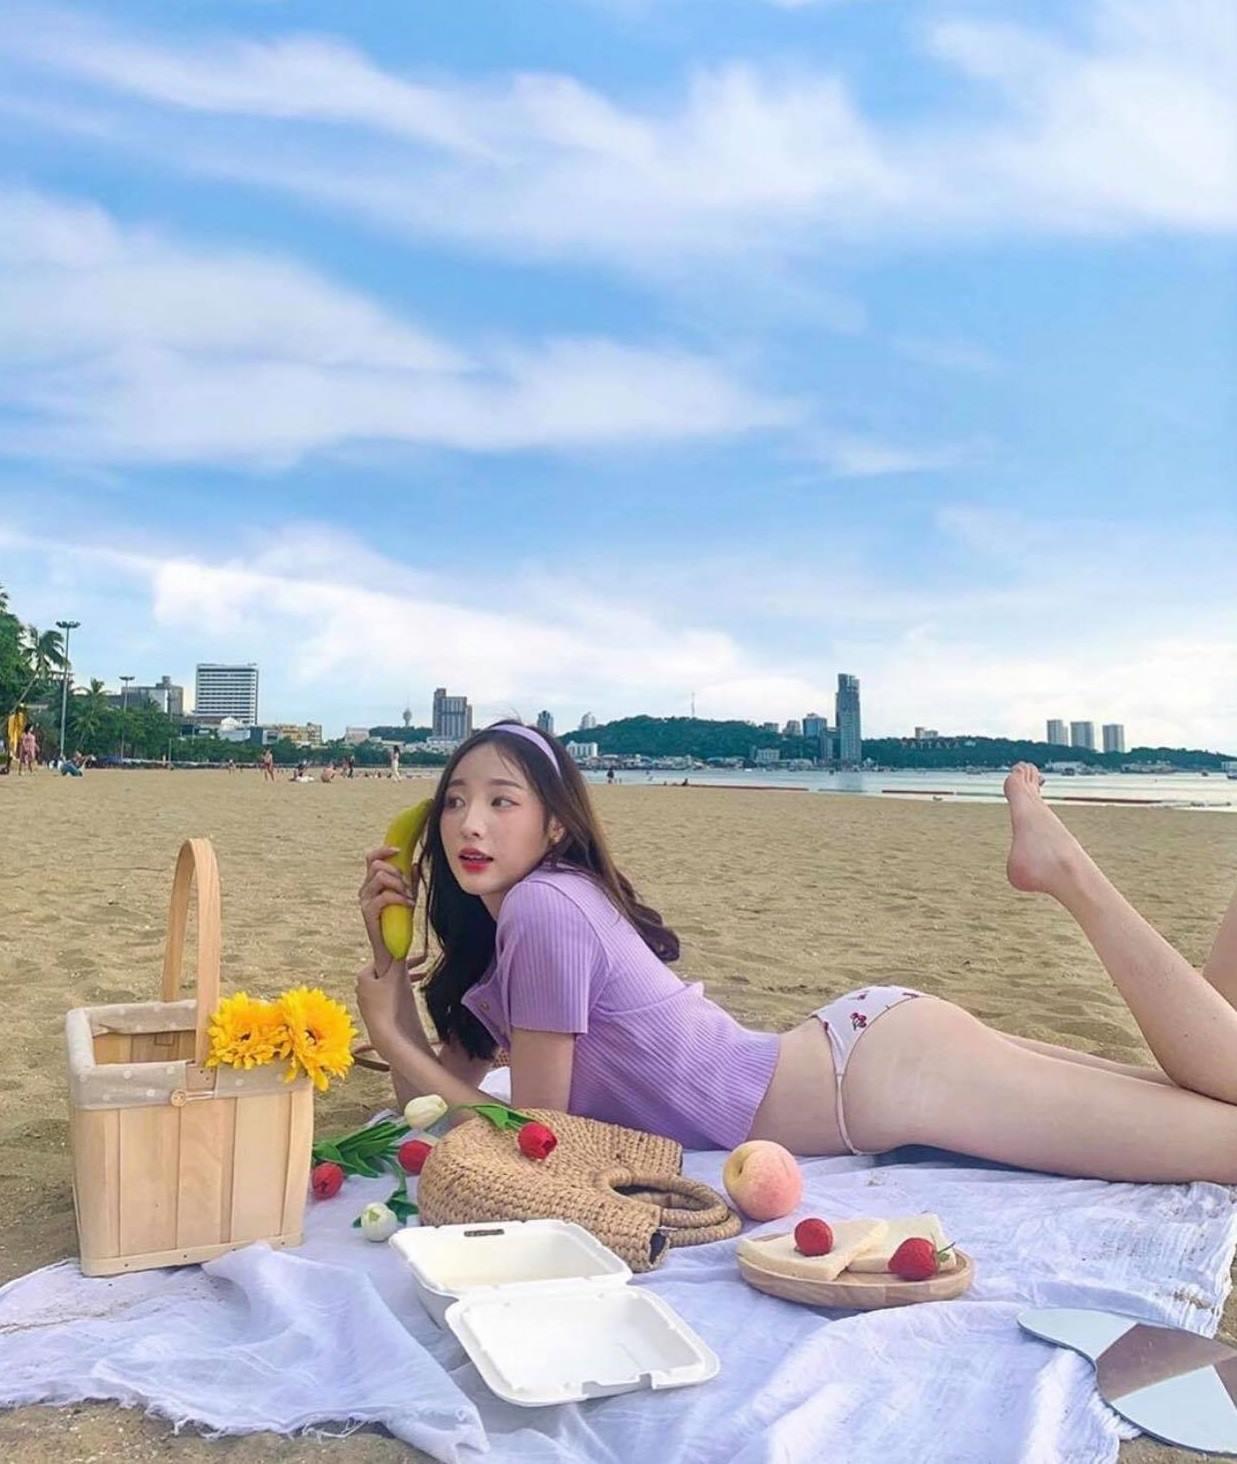 Thiếu nữ châu Á khoe bụng phẳng chân nuột với áo phông - 3